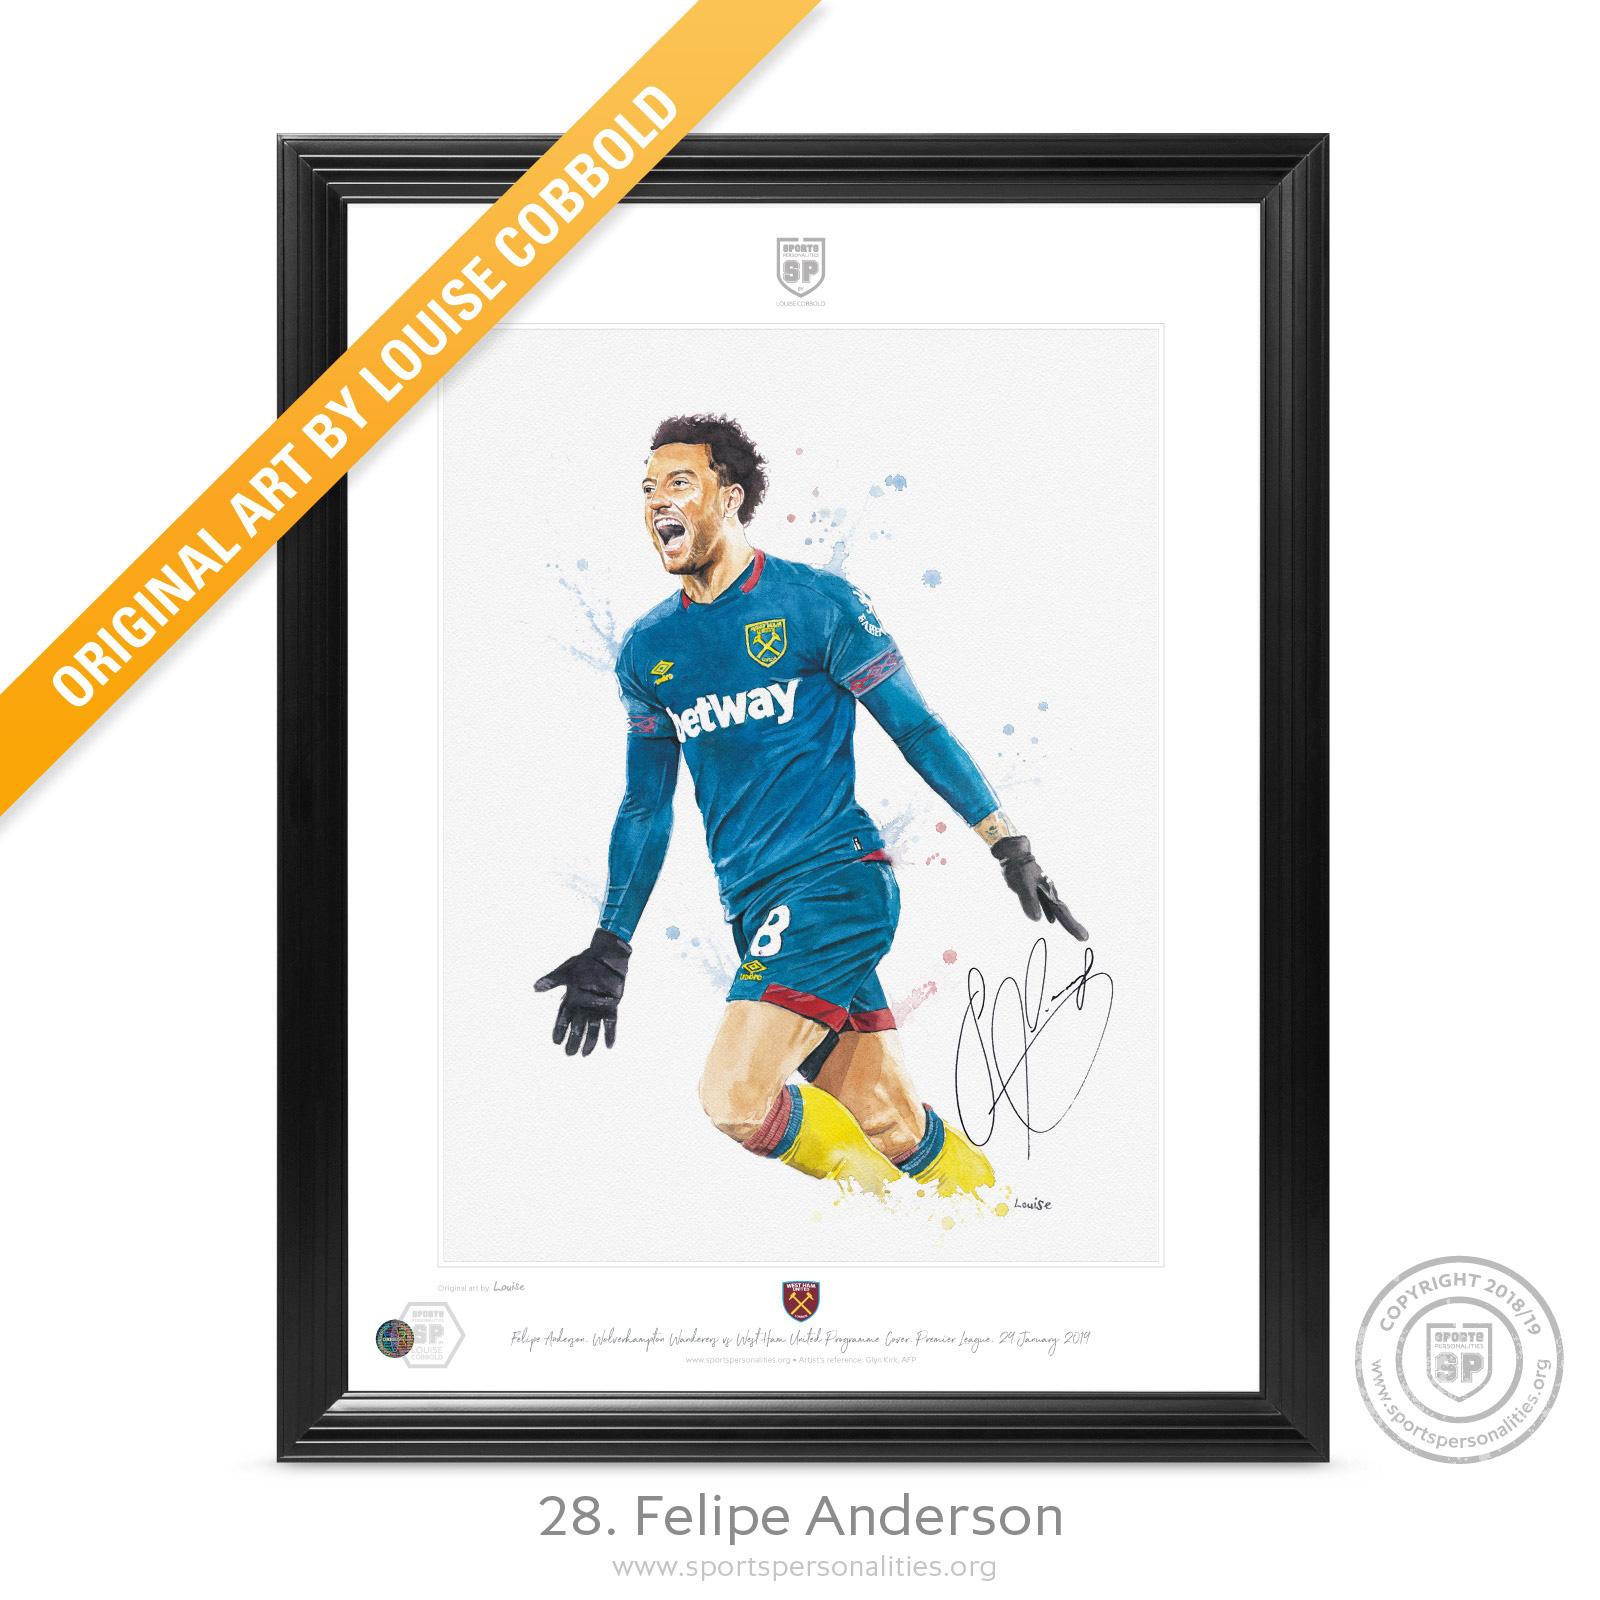 28.-Felipe-Anderson.jpg